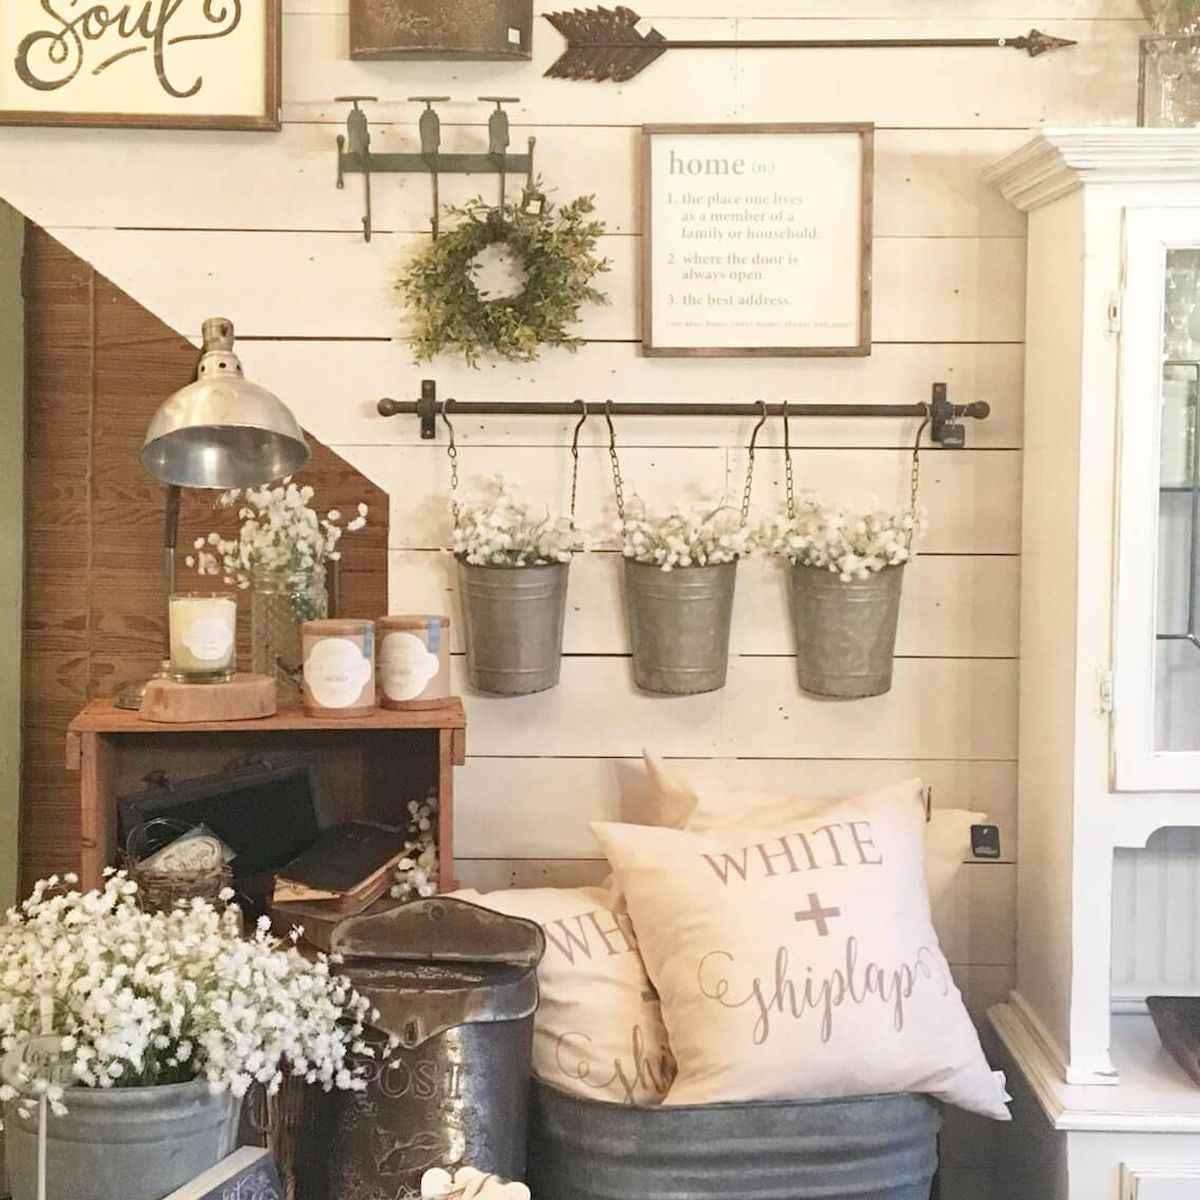 60 Stunning Farmhouse Home Decor Ideas On A Budget (12)